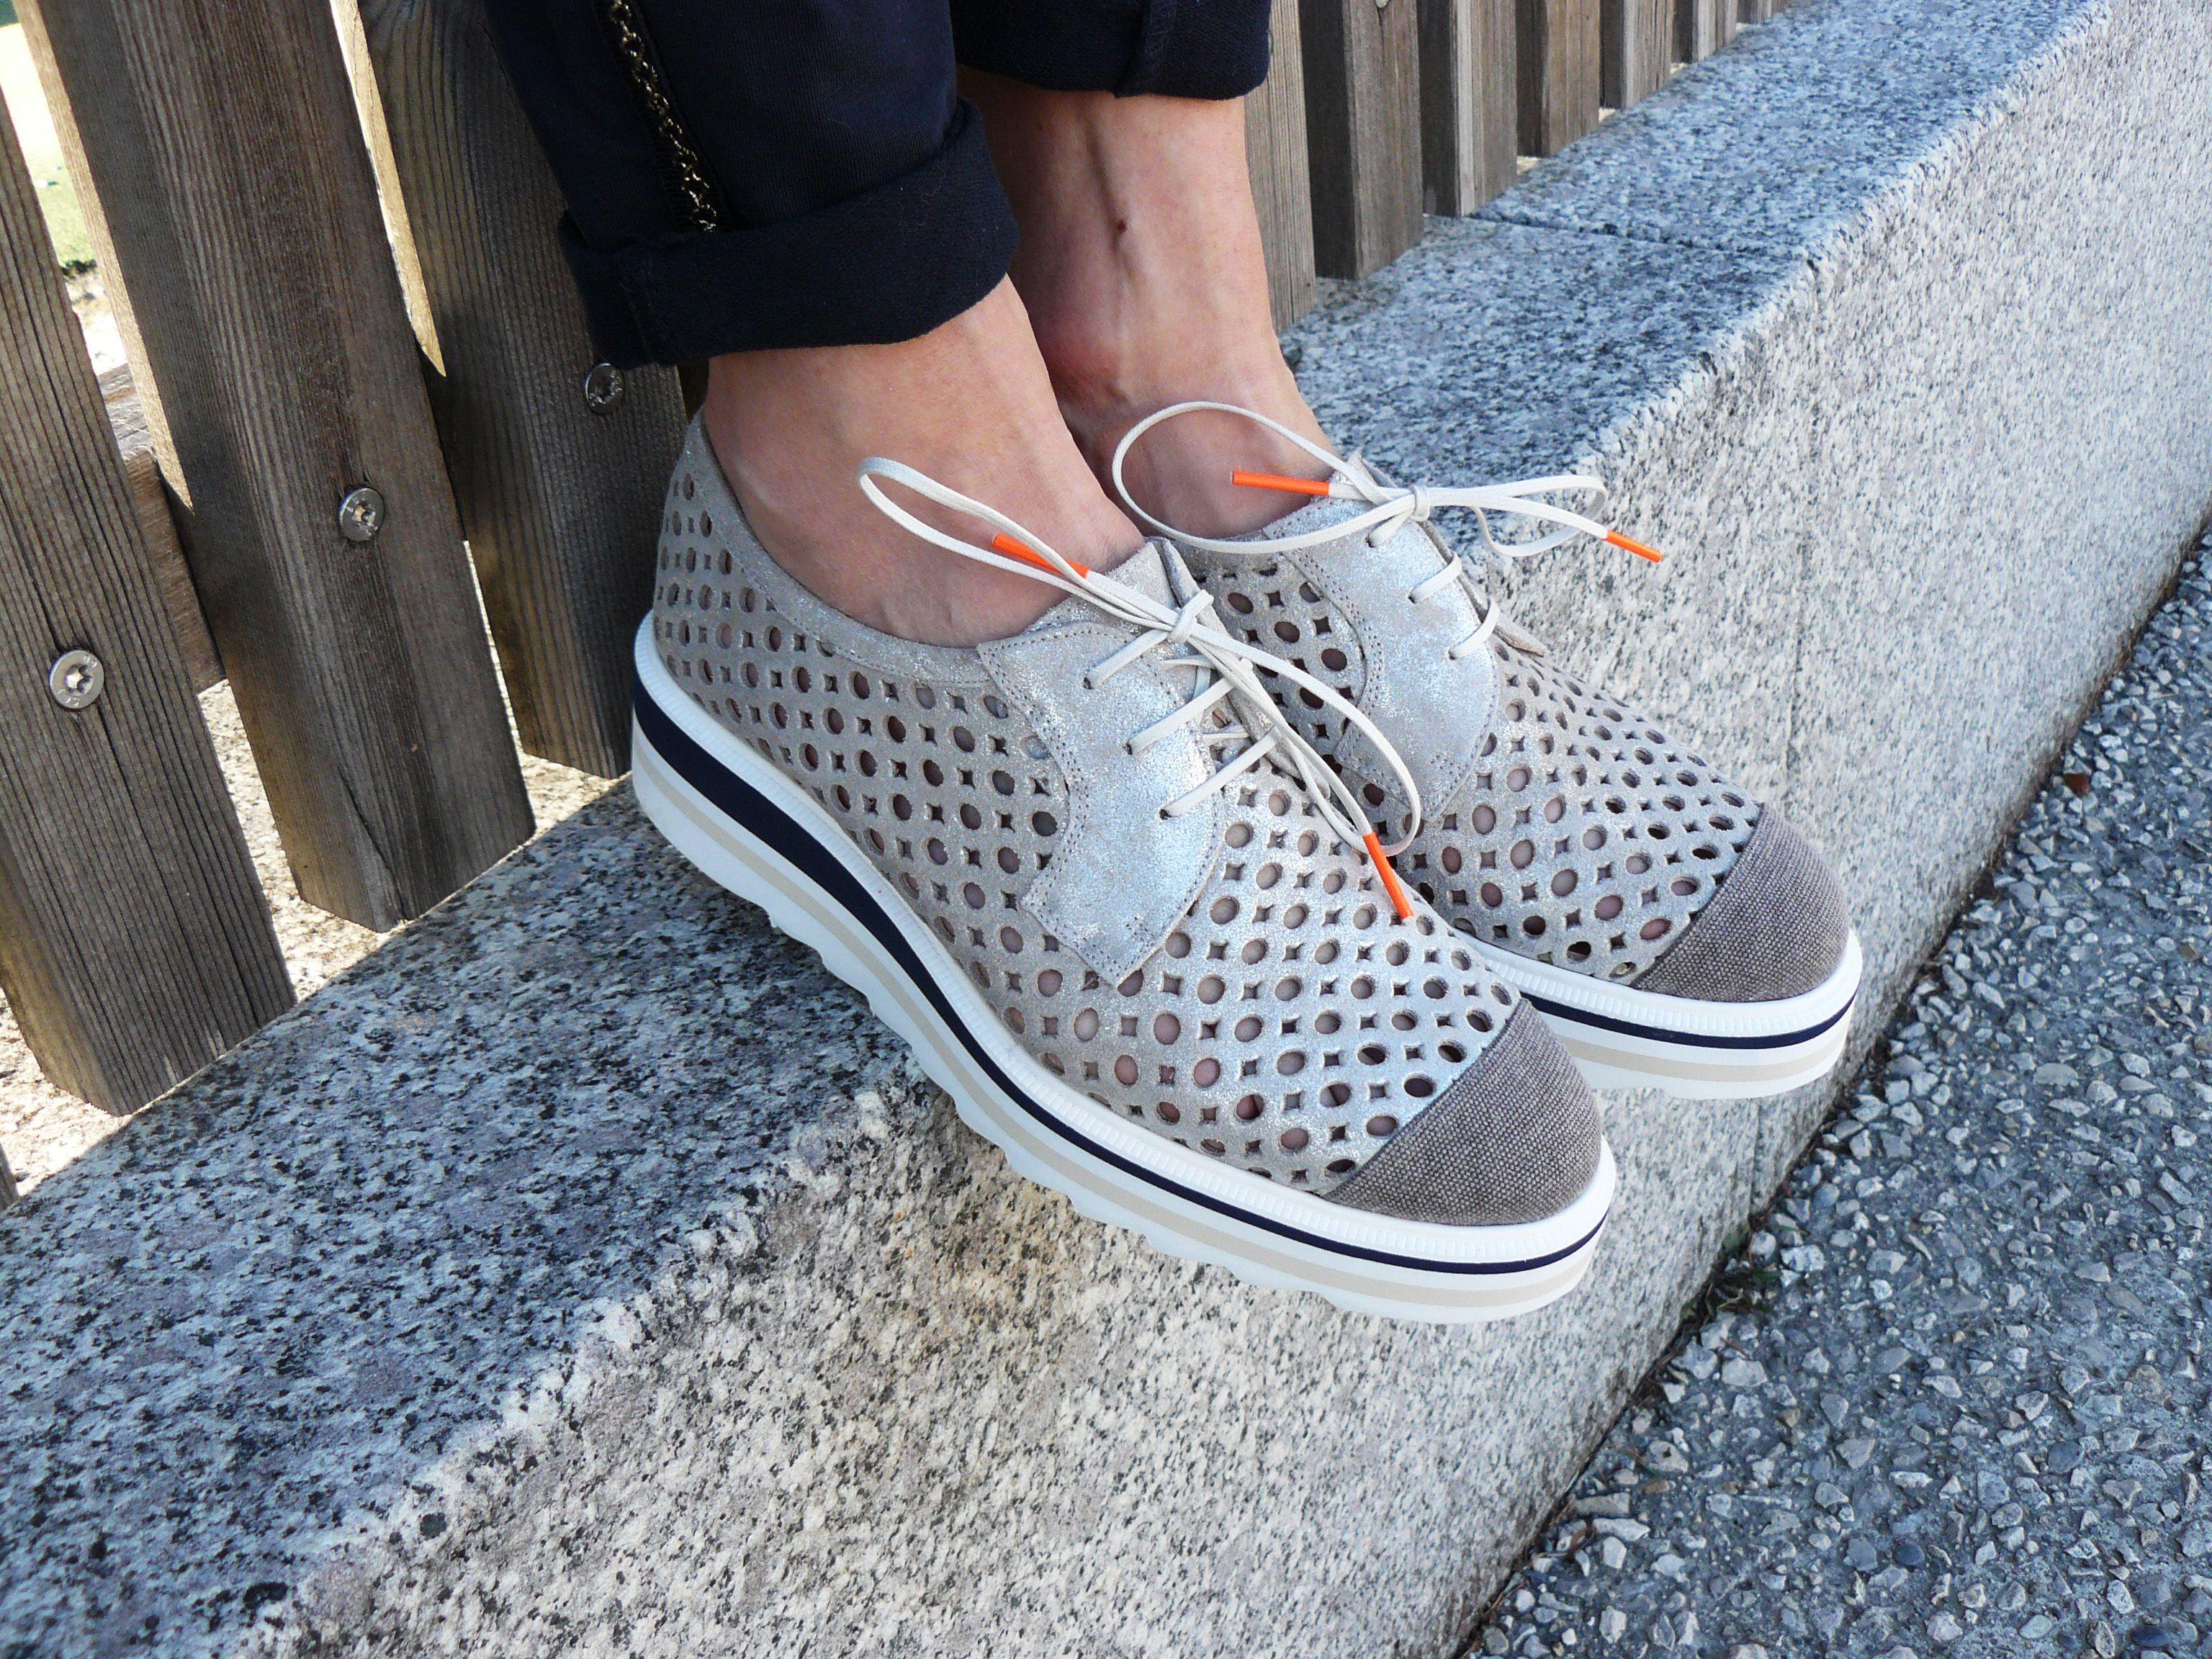 Épinglé sur ChaussuresOnline Printemps Eté